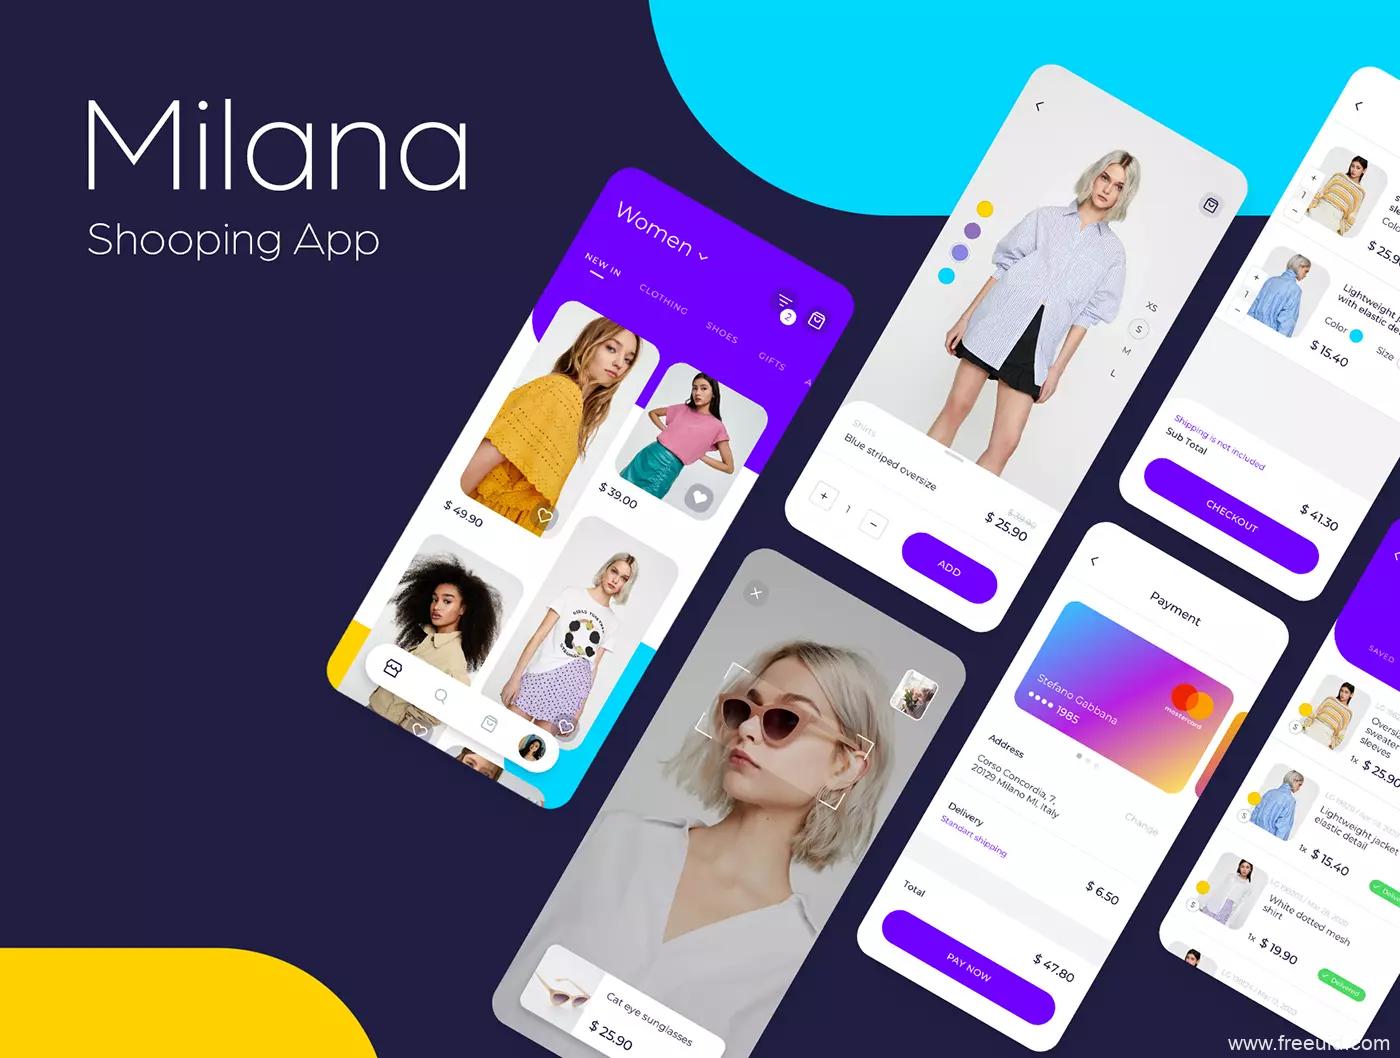 一套简约时尚女装电商app UI源文件,时尚电商App UI资源下载,时装电商APP UI素材源文件,sketch、figma源文件